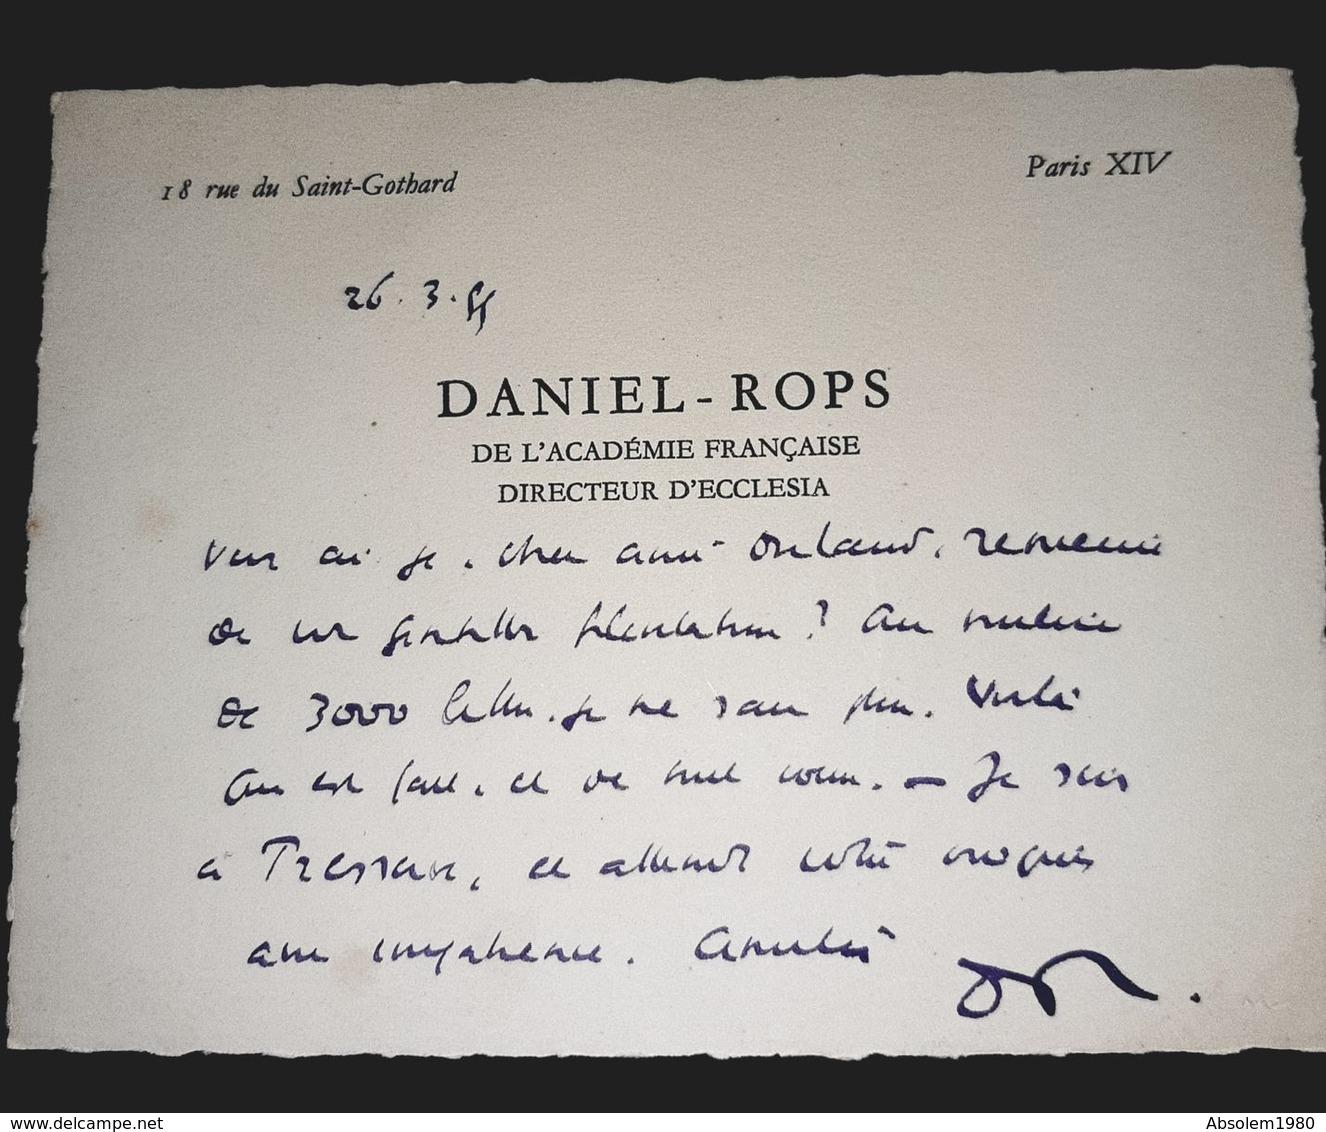 ENVOI MANUSCRIT DANIEL ROPS CARTE VISITE ANCIENNE ECRIVAIN ACADEMIE FRANCAISE DIRECTEUR ECCLESIA COLLECTION JE SAIS - Manuscritos